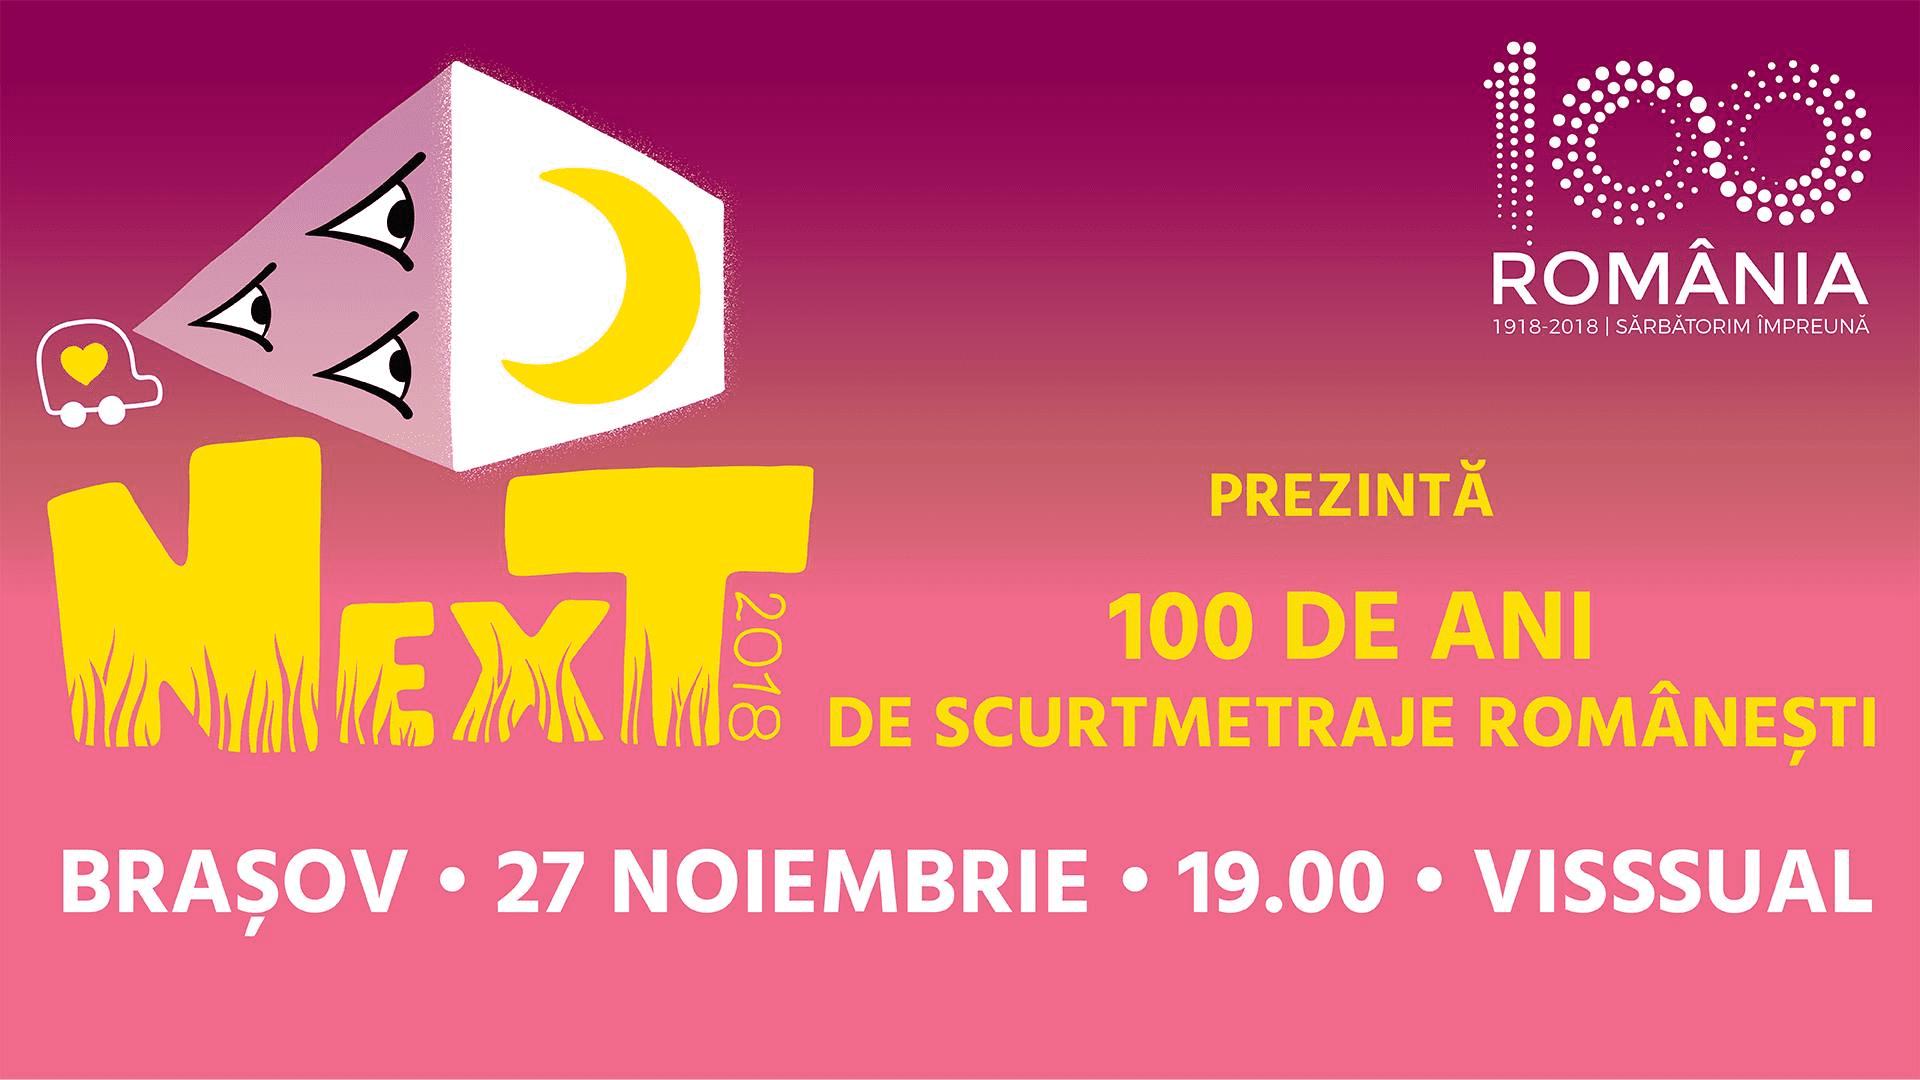 100 de ani de scurtmetraje românești @ Visssual